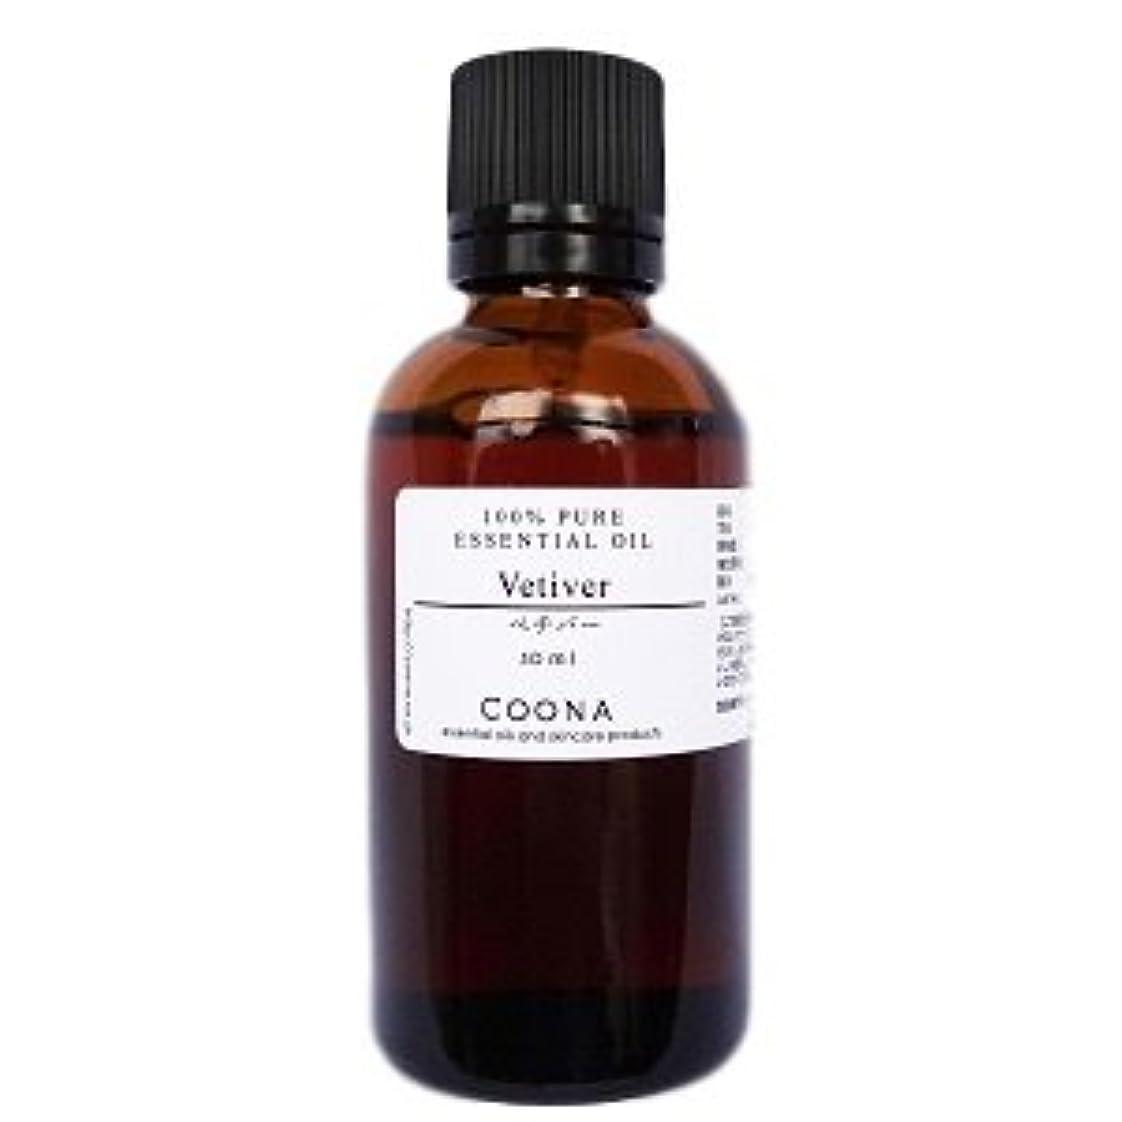 実現可能エンディング大砲ベチバー 50 ml (COONA エッセンシャルオイル アロマオイル 100%天然植物精油)